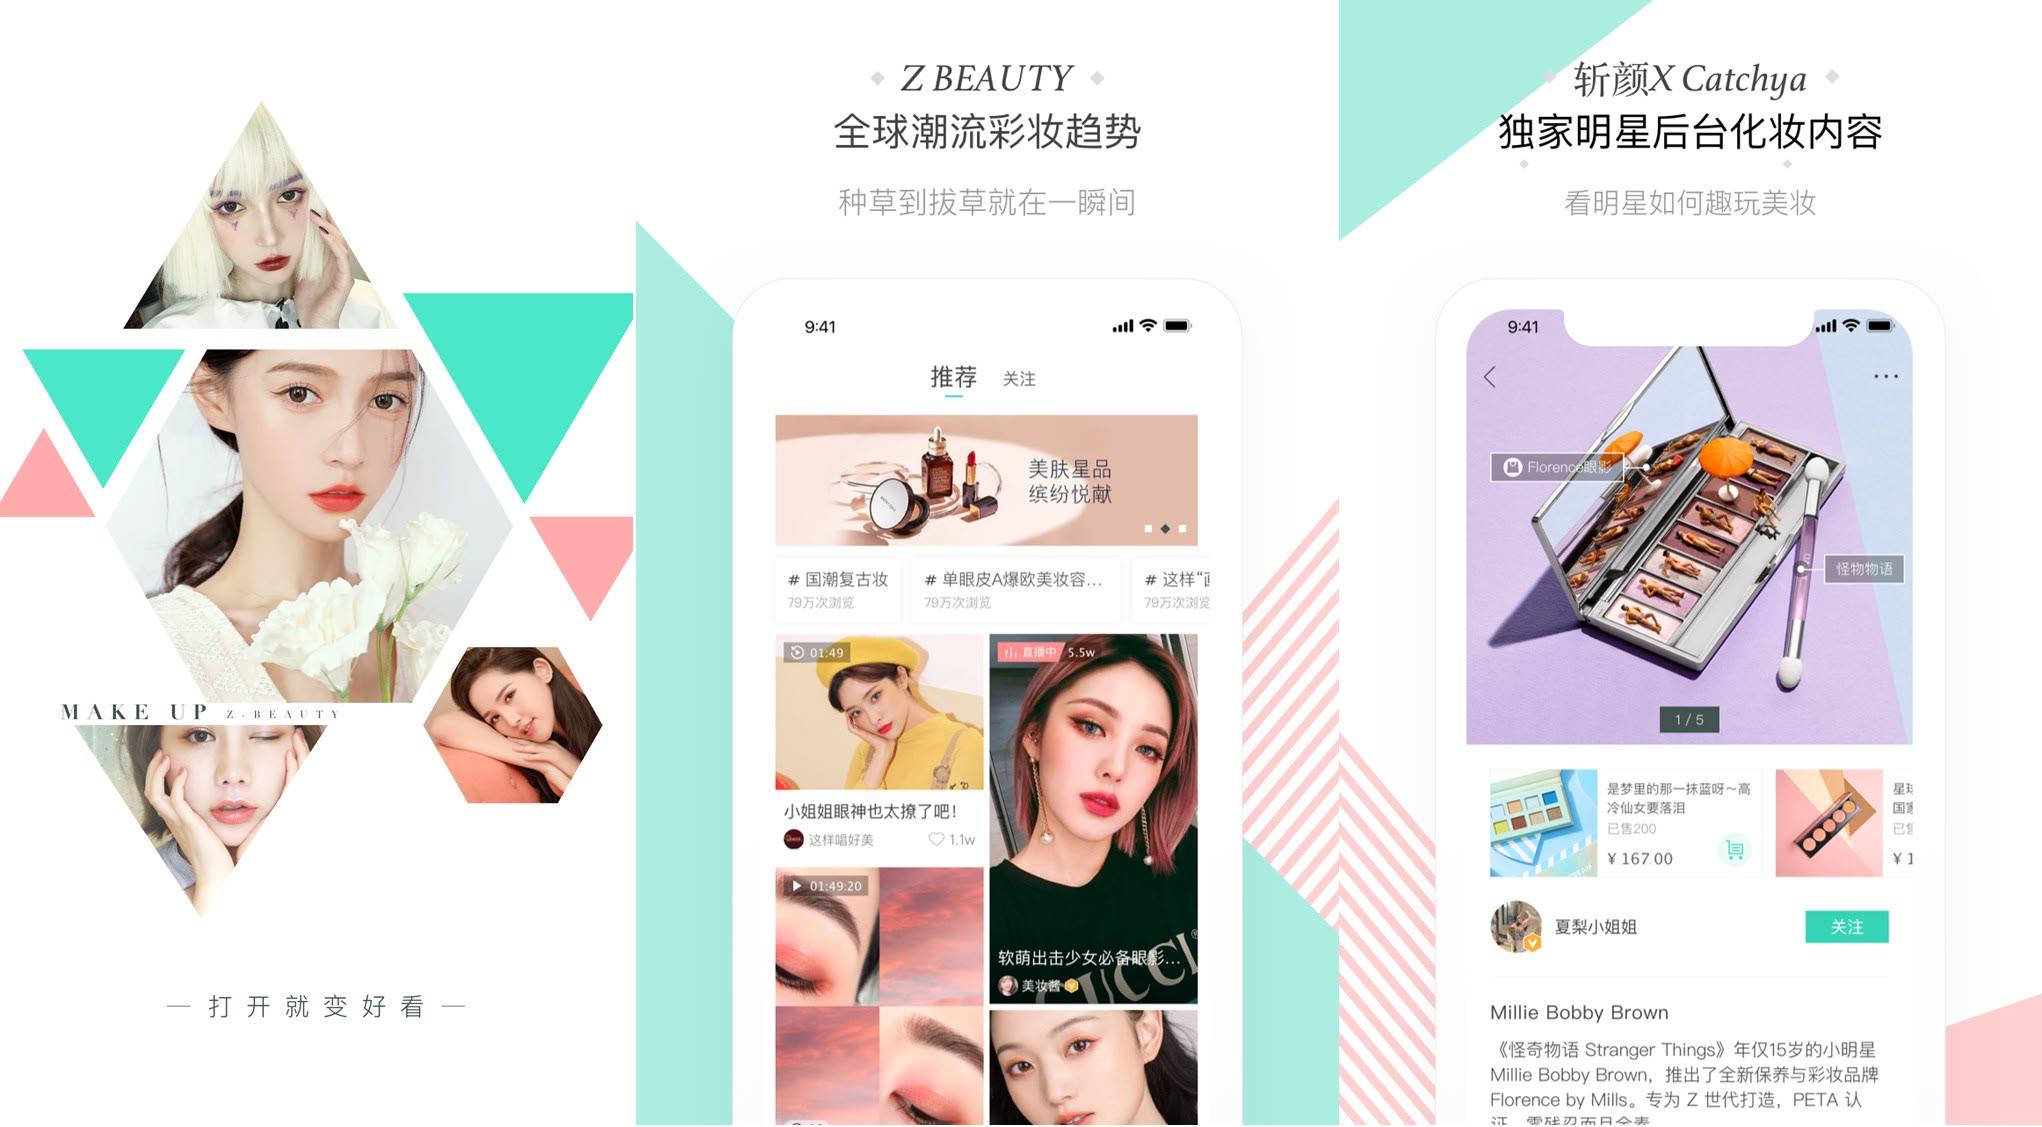 爱奇艺发布斩颜App 打造专注潮流彩妆的内容电商平台